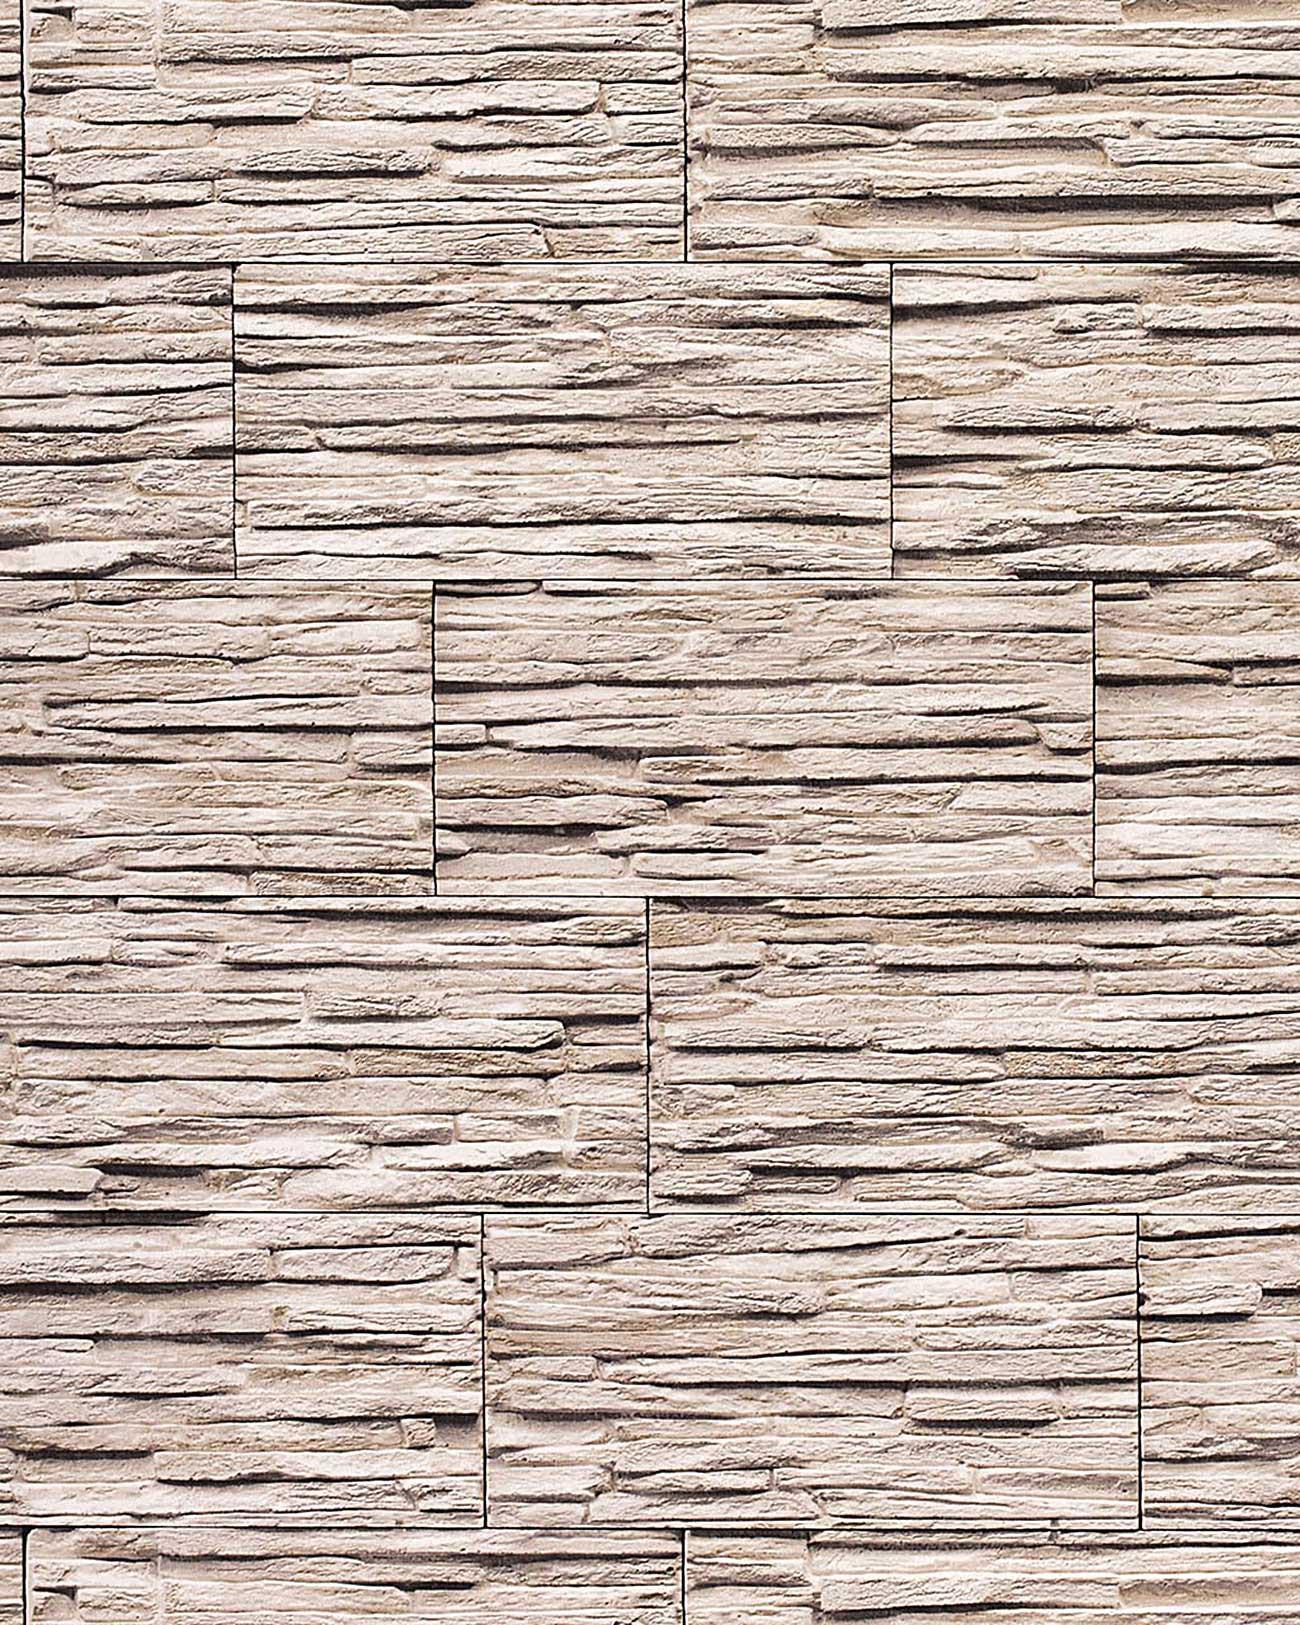 edem 1003 36 tapete stein steintapete naturstein mauer optik f hlbare struktur original edem. Black Bedroom Furniture Sets. Home Design Ideas